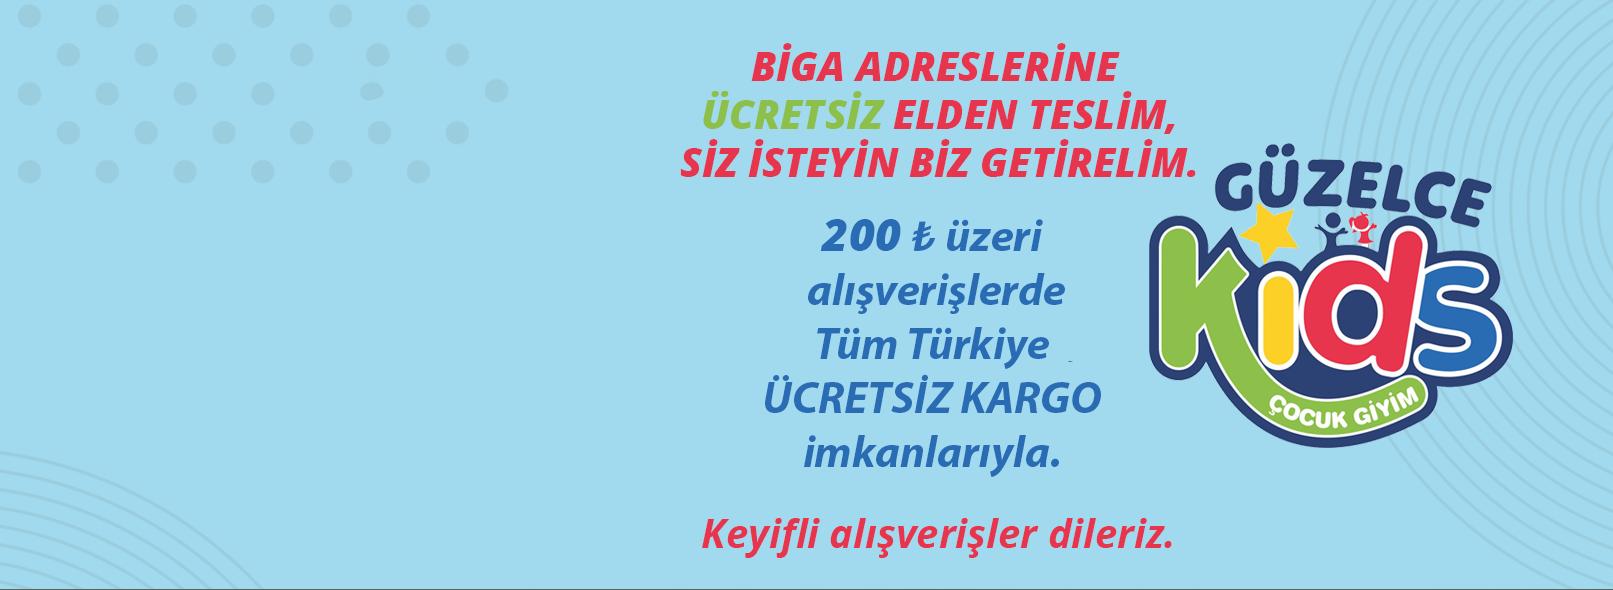 guzelcekids-slider16022021-15